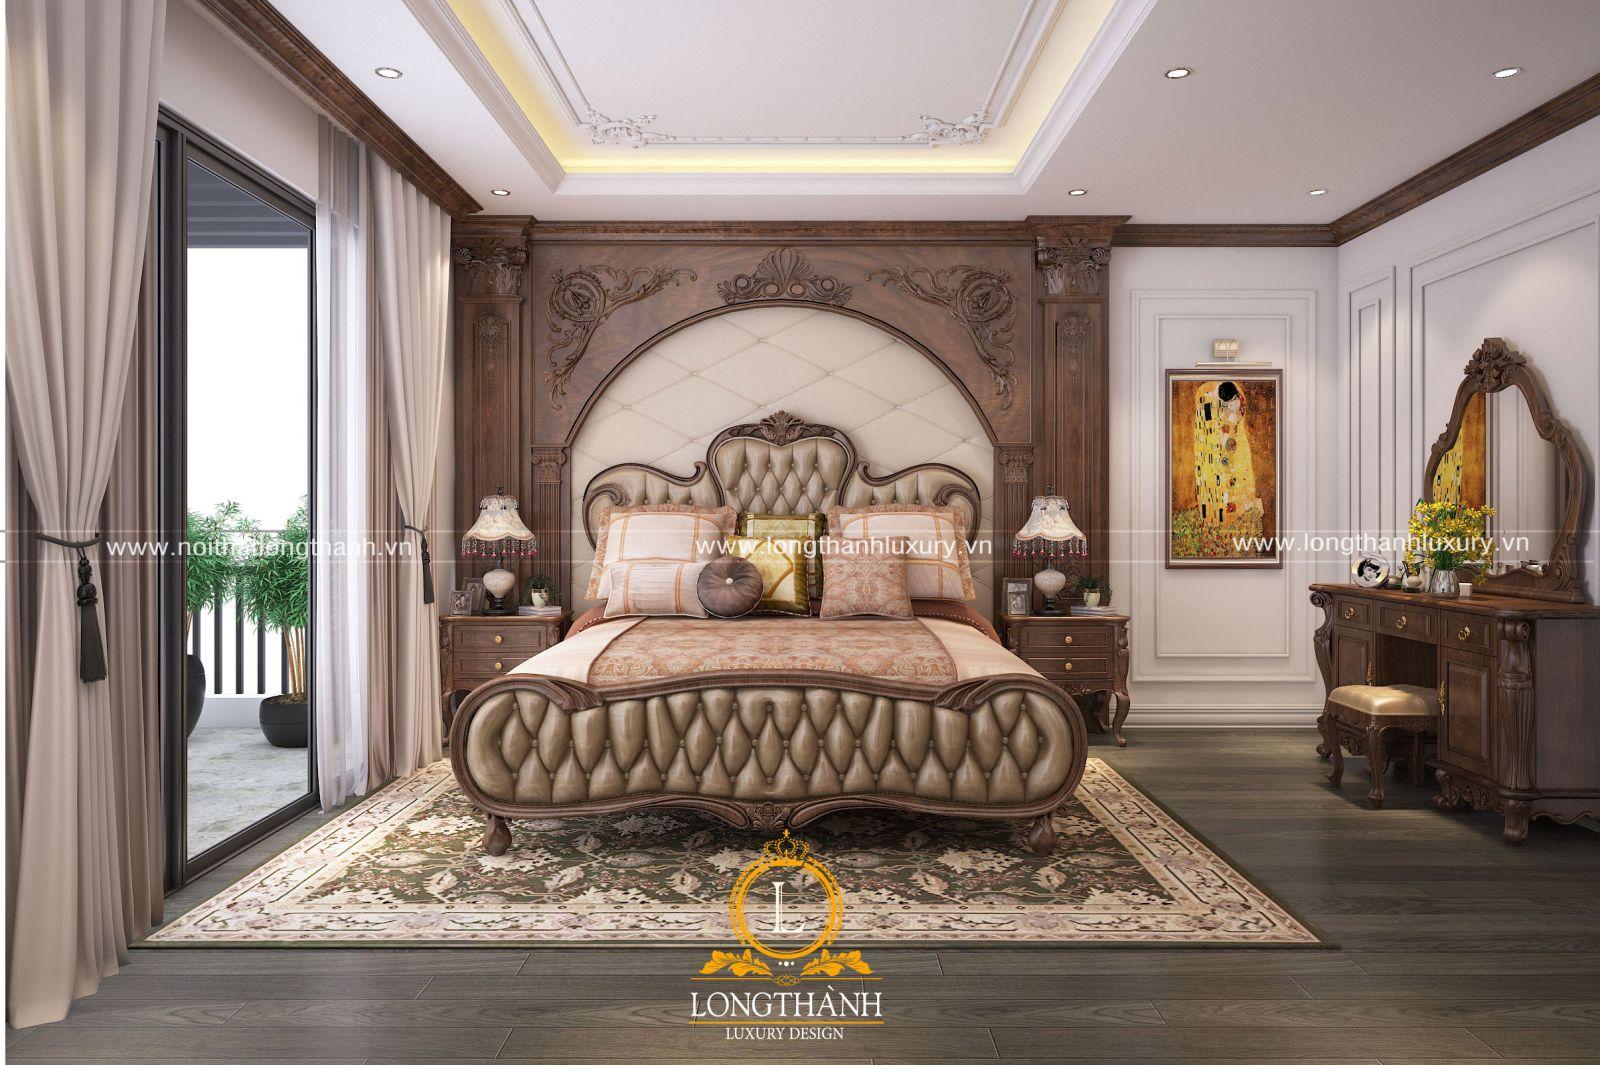 Phòng ngủ master bedroom là gì